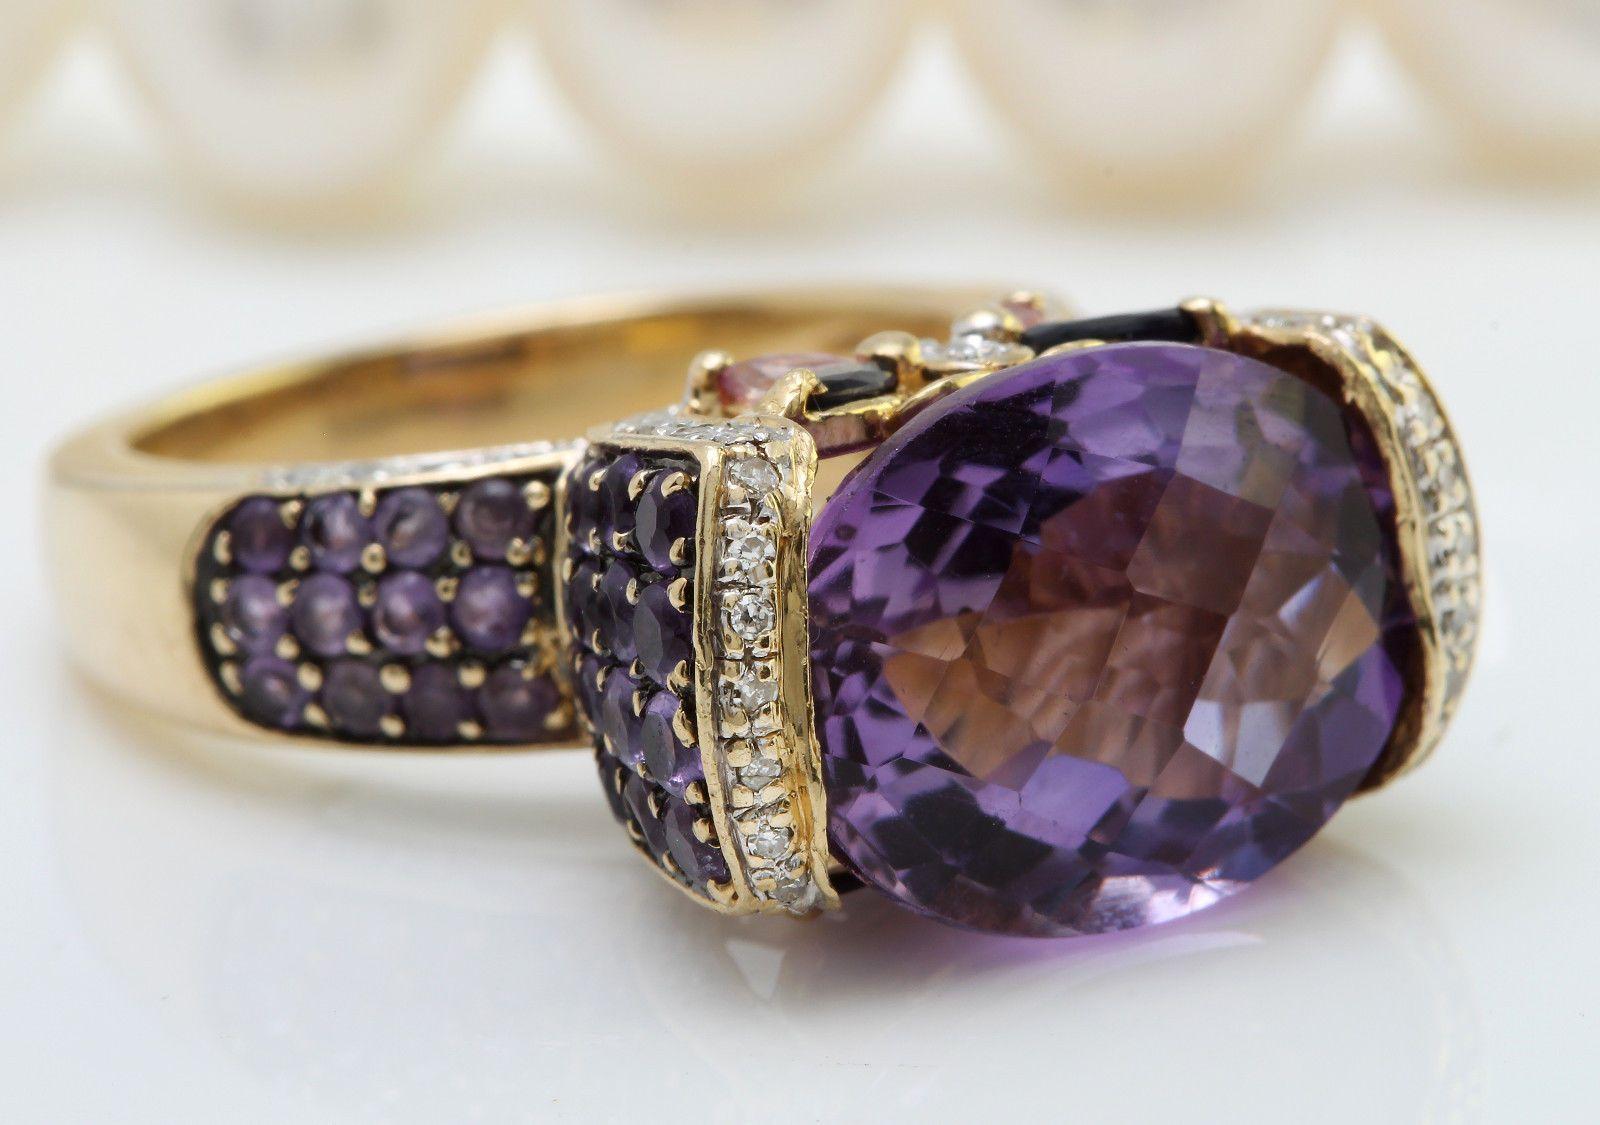 8.60CTW Natural Purple Amethyst and Diamonds 14K Yellow Gold Women Ring https://t.co/gaXHOTfhmk https://t.co/x7o29ecjzo